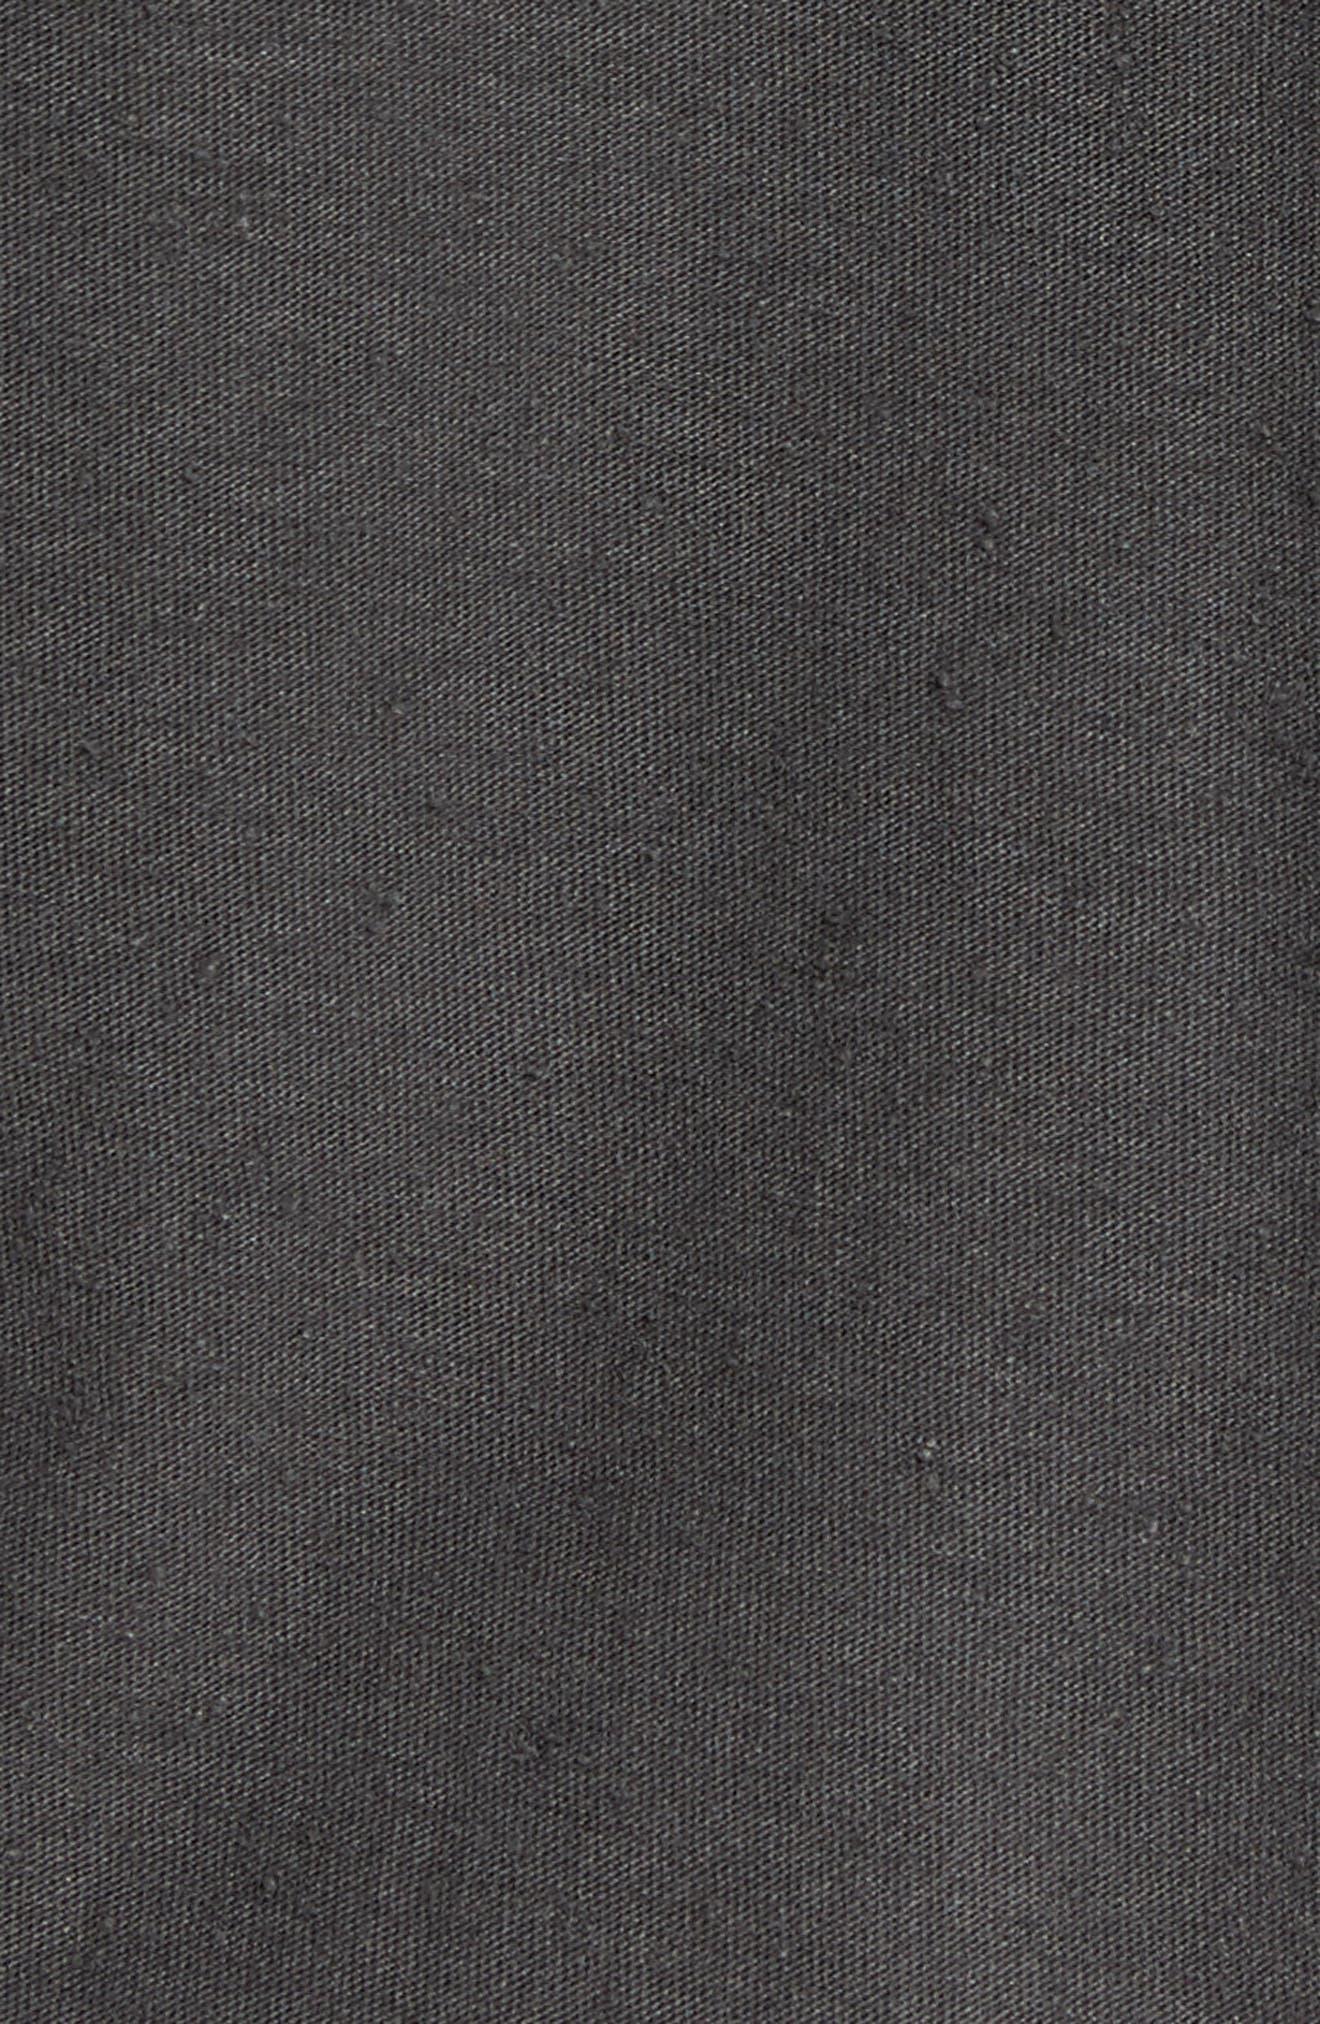 Cotton Henley,                             Alternate thumbnail 5, color,                             Black